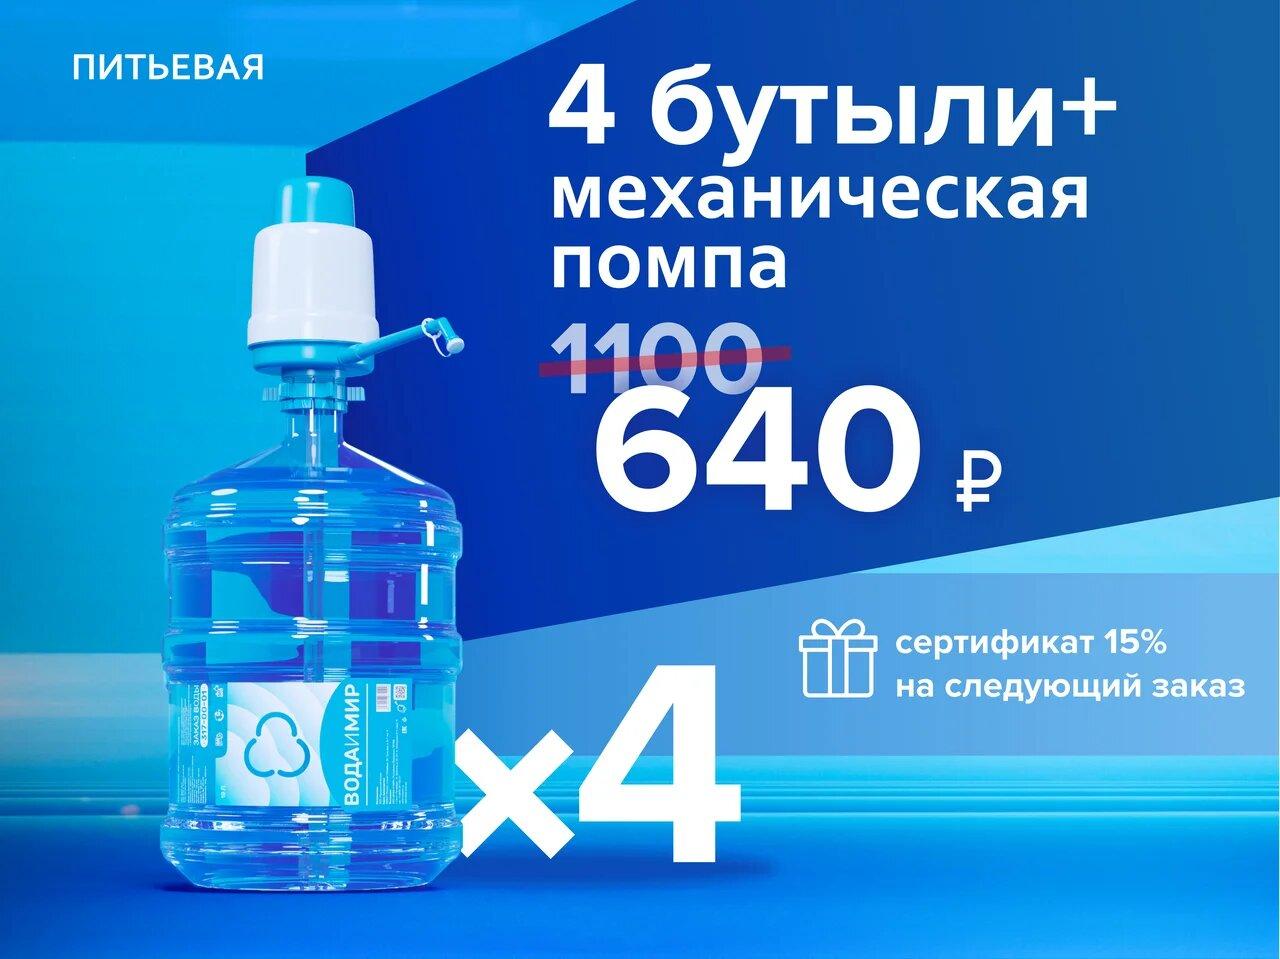 Питьевая вода мех. помпа х4